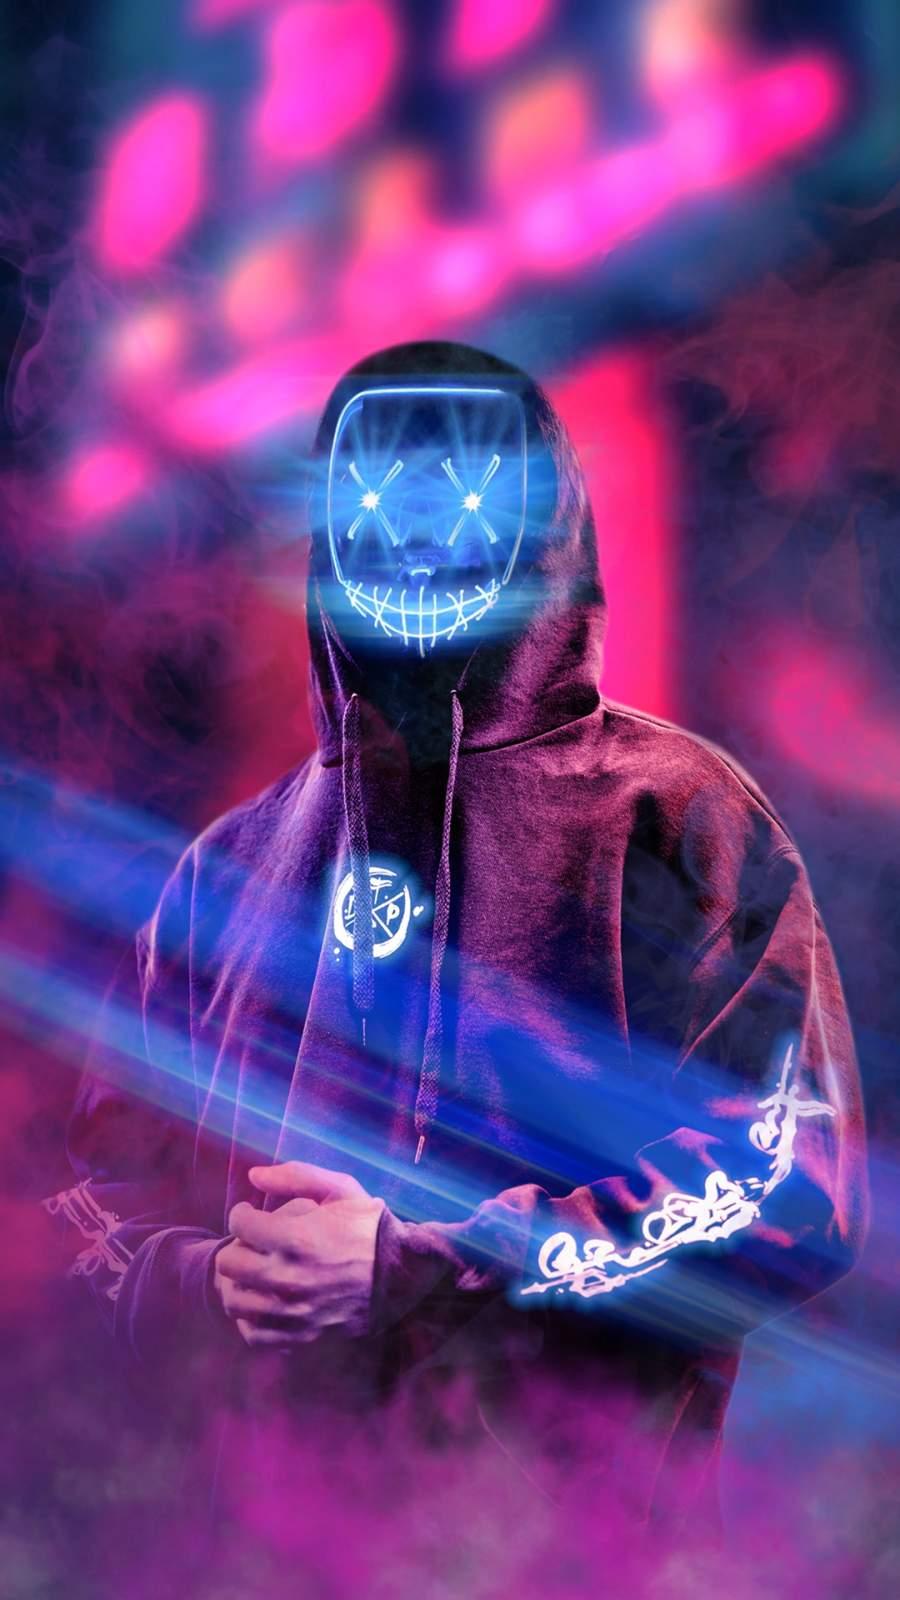 Neon Dude iPhone Wallpaper